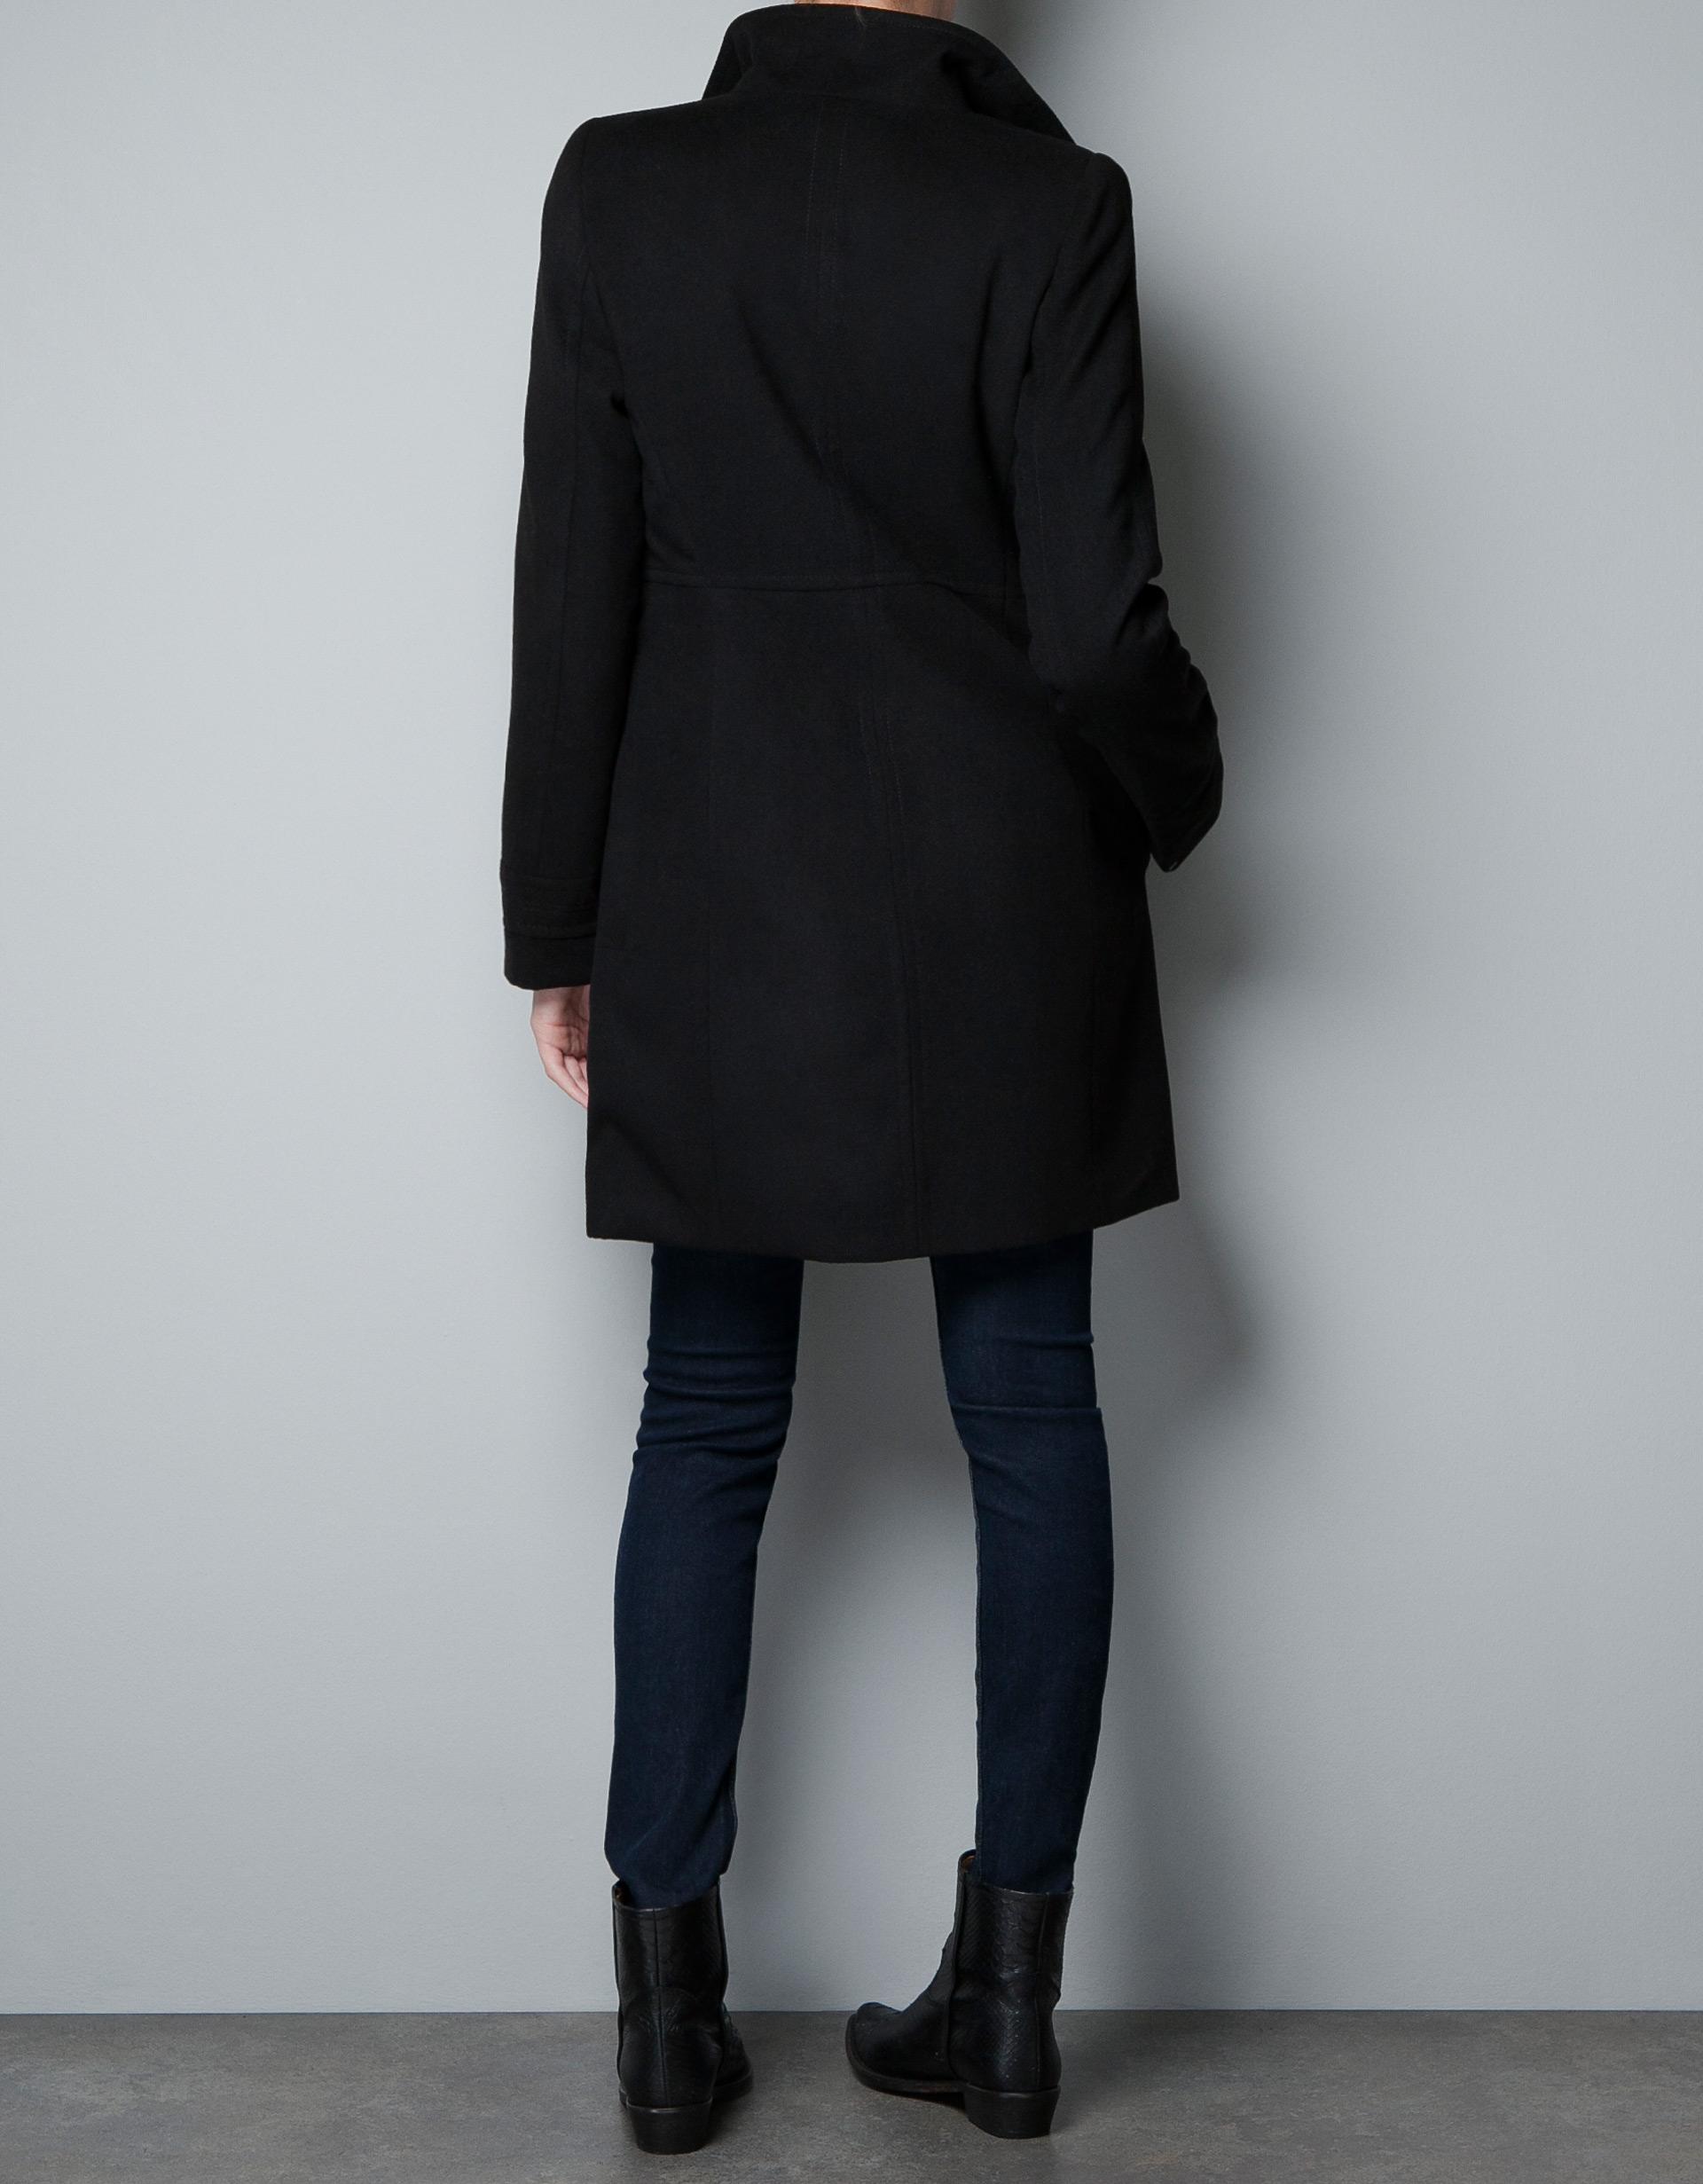 Zara Double Breasted Wool Coat in Black | Lyst